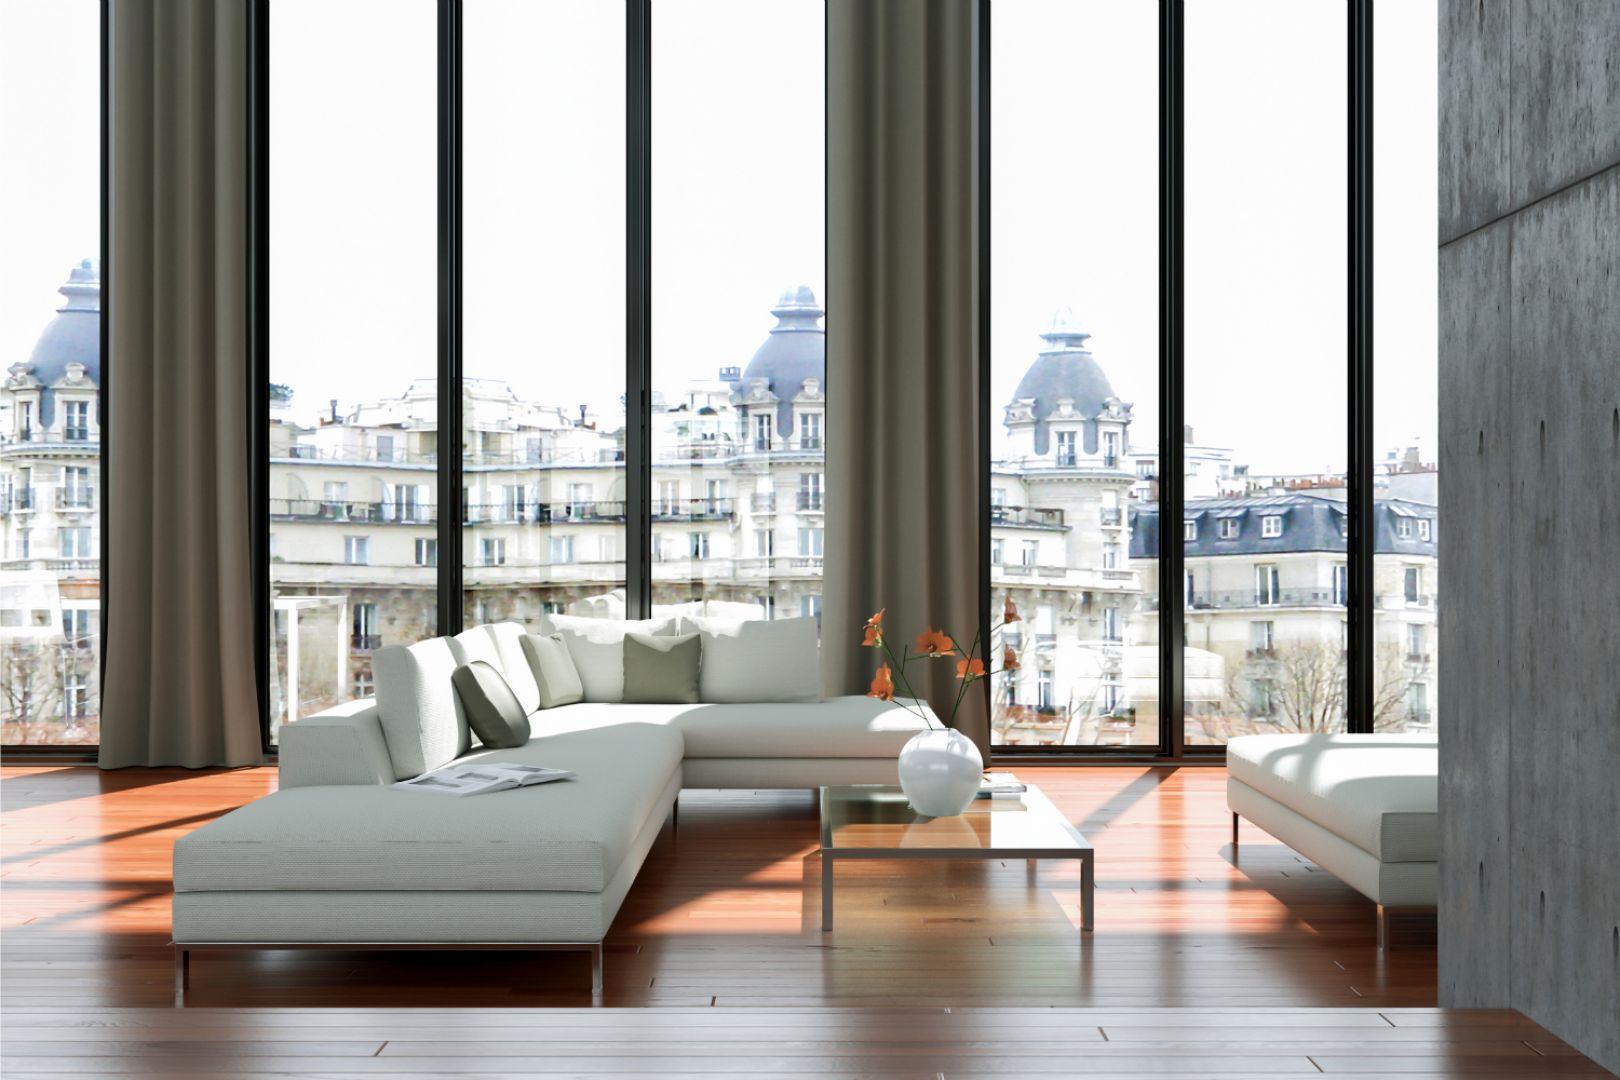 Rozmieszczenie okien w domu ma znaczenie, a ich wielkość nie tylko determinuje ilość naturalnego światła w pomieszczeniach, lecz także znacząco wpływa na temperaturę we wnętrzach. Fot. Saint-Gobain